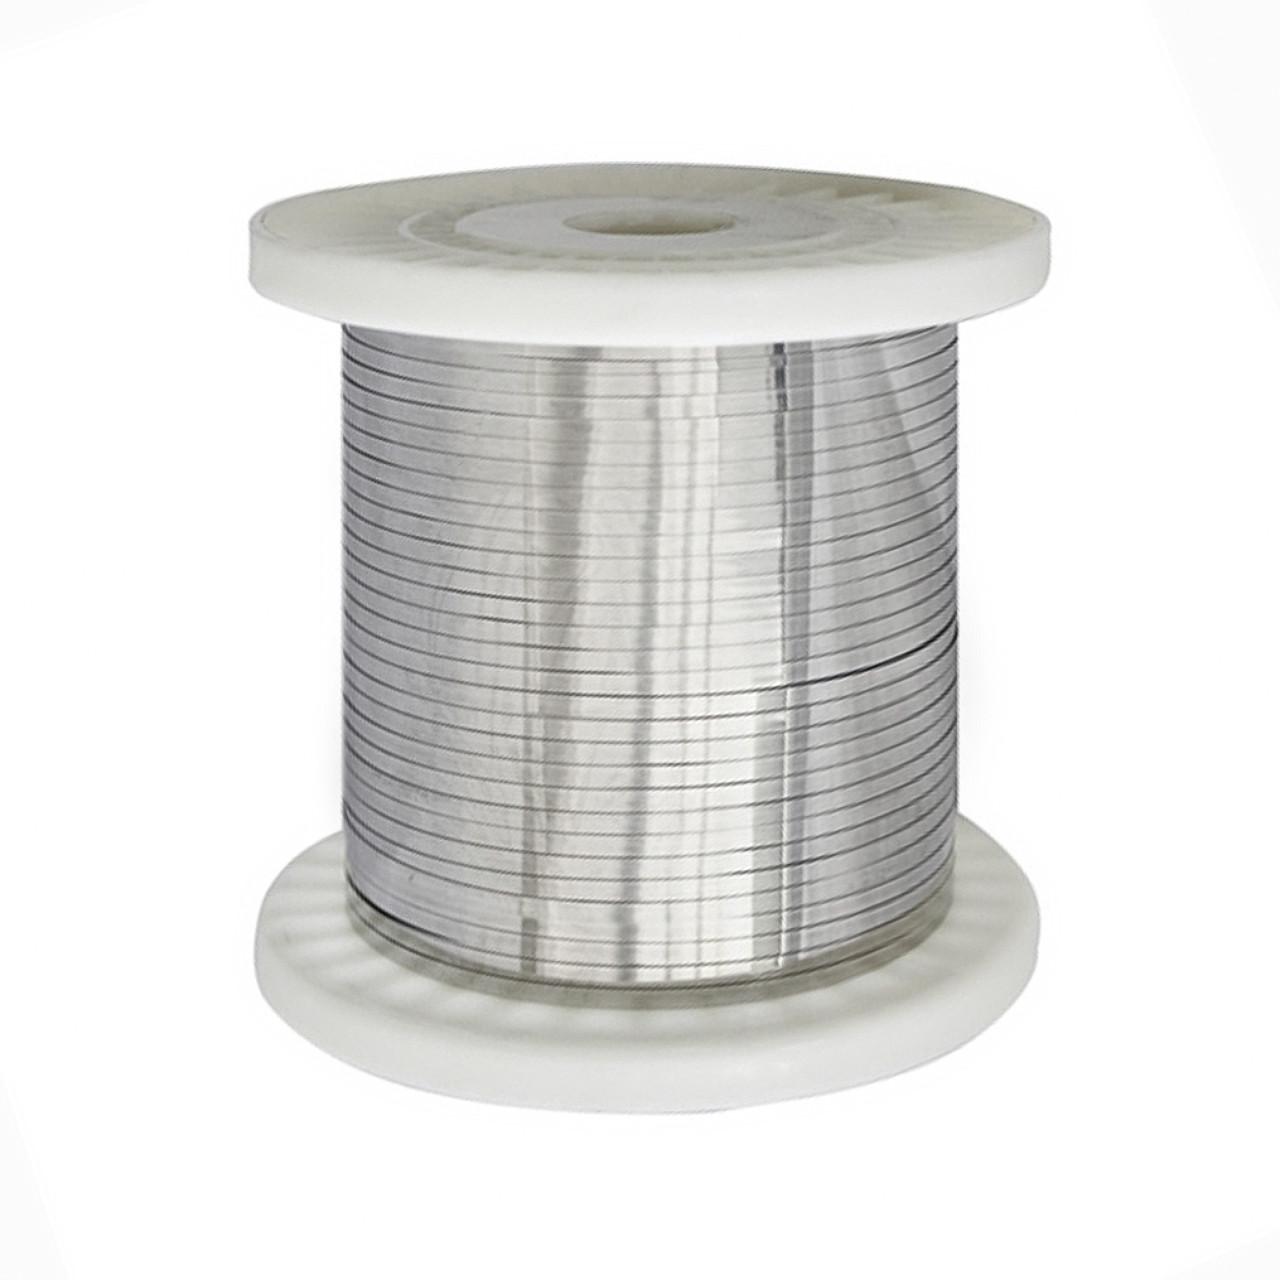 Нихромовая лента ширина 5 мм толщина 0.2 мм Х20Н80 PRC